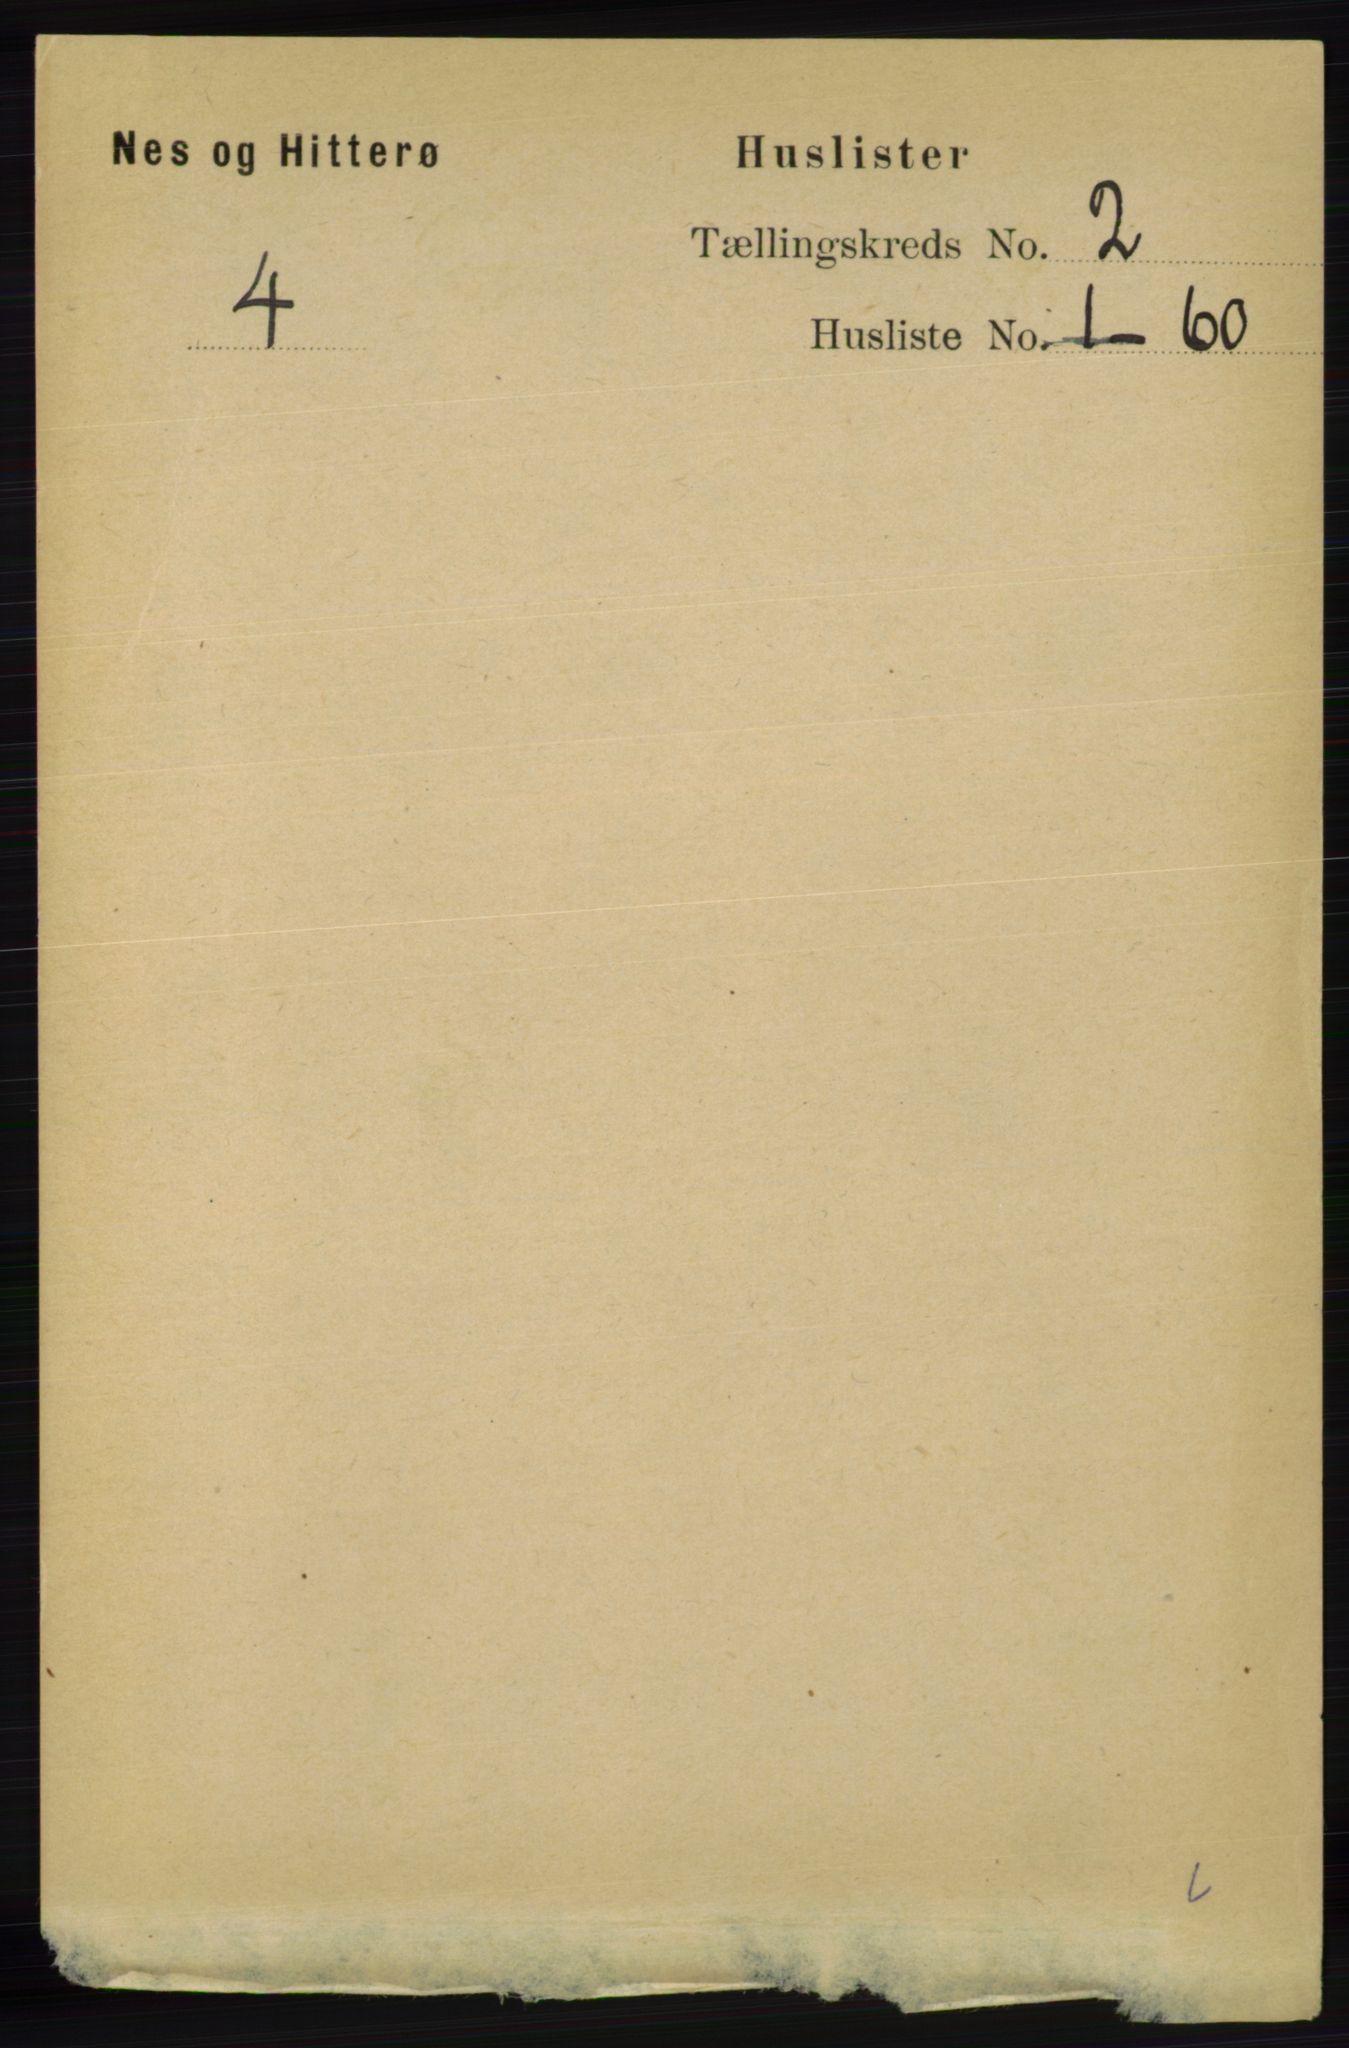 RA, Folketelling 1891 for 1043 Hidra og Nes herred, 1891, s. 470